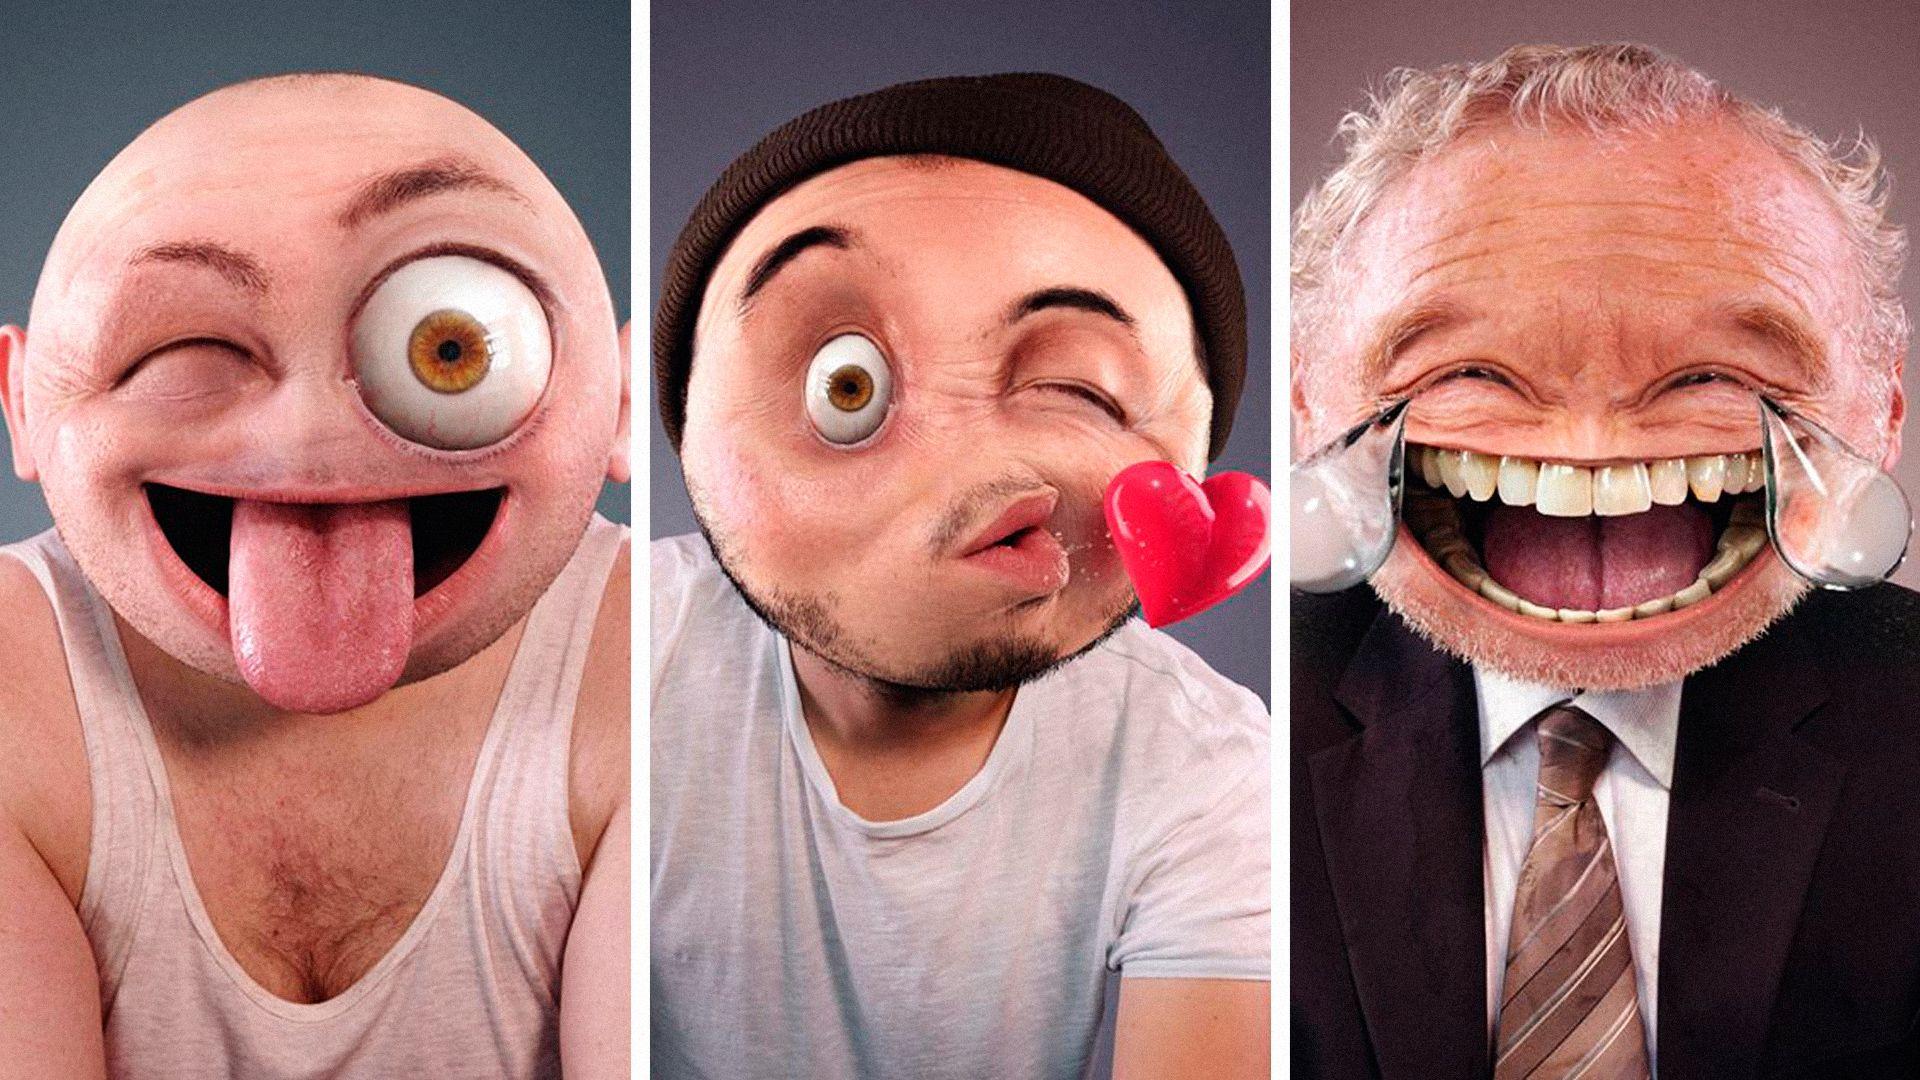 Смешные картинки вместо лица, тетеньки картинки приколами